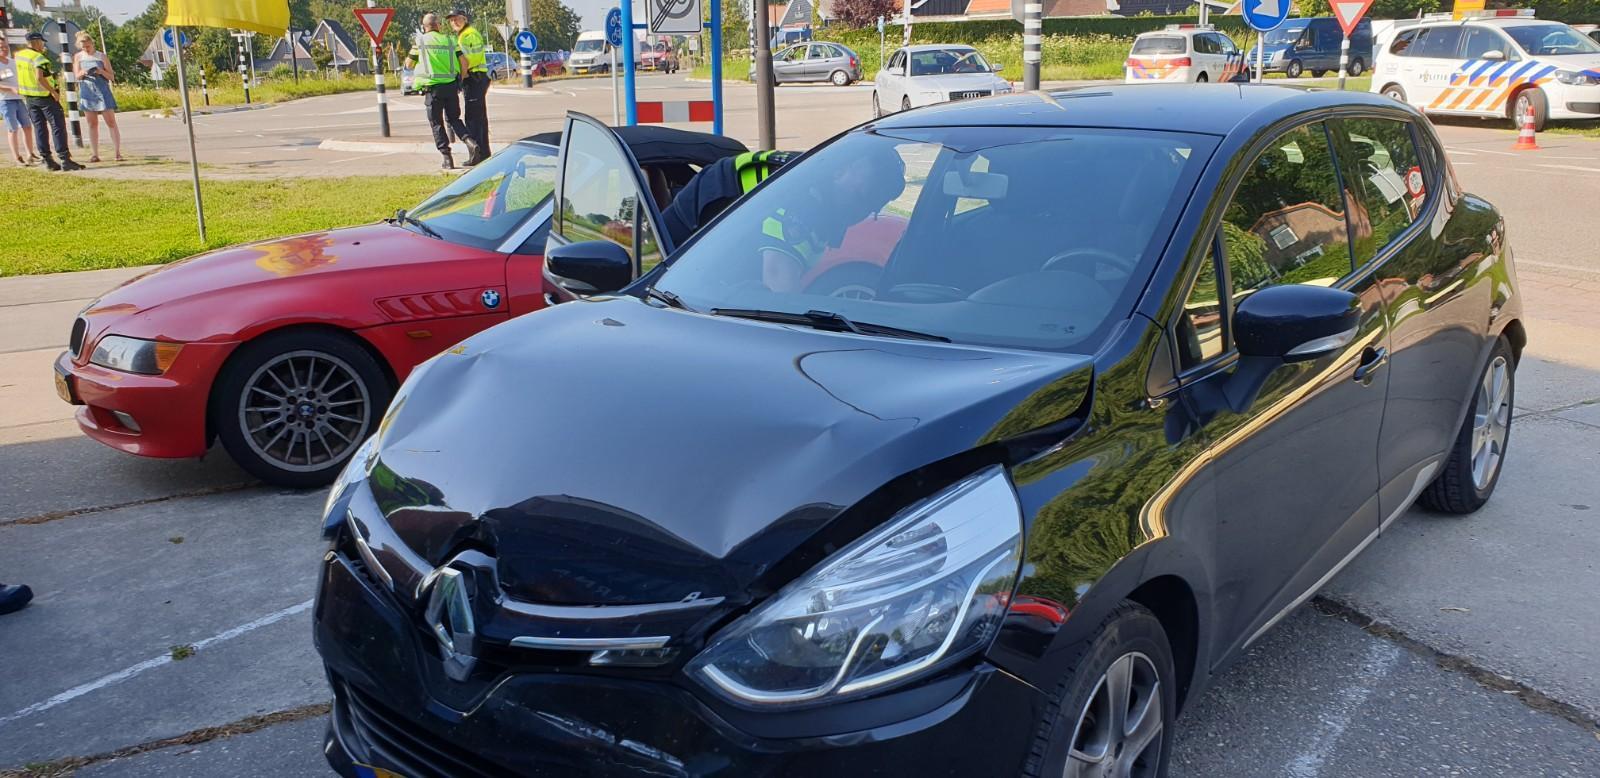 Vrouw gewond bij botsing met vier auto's in Waarland